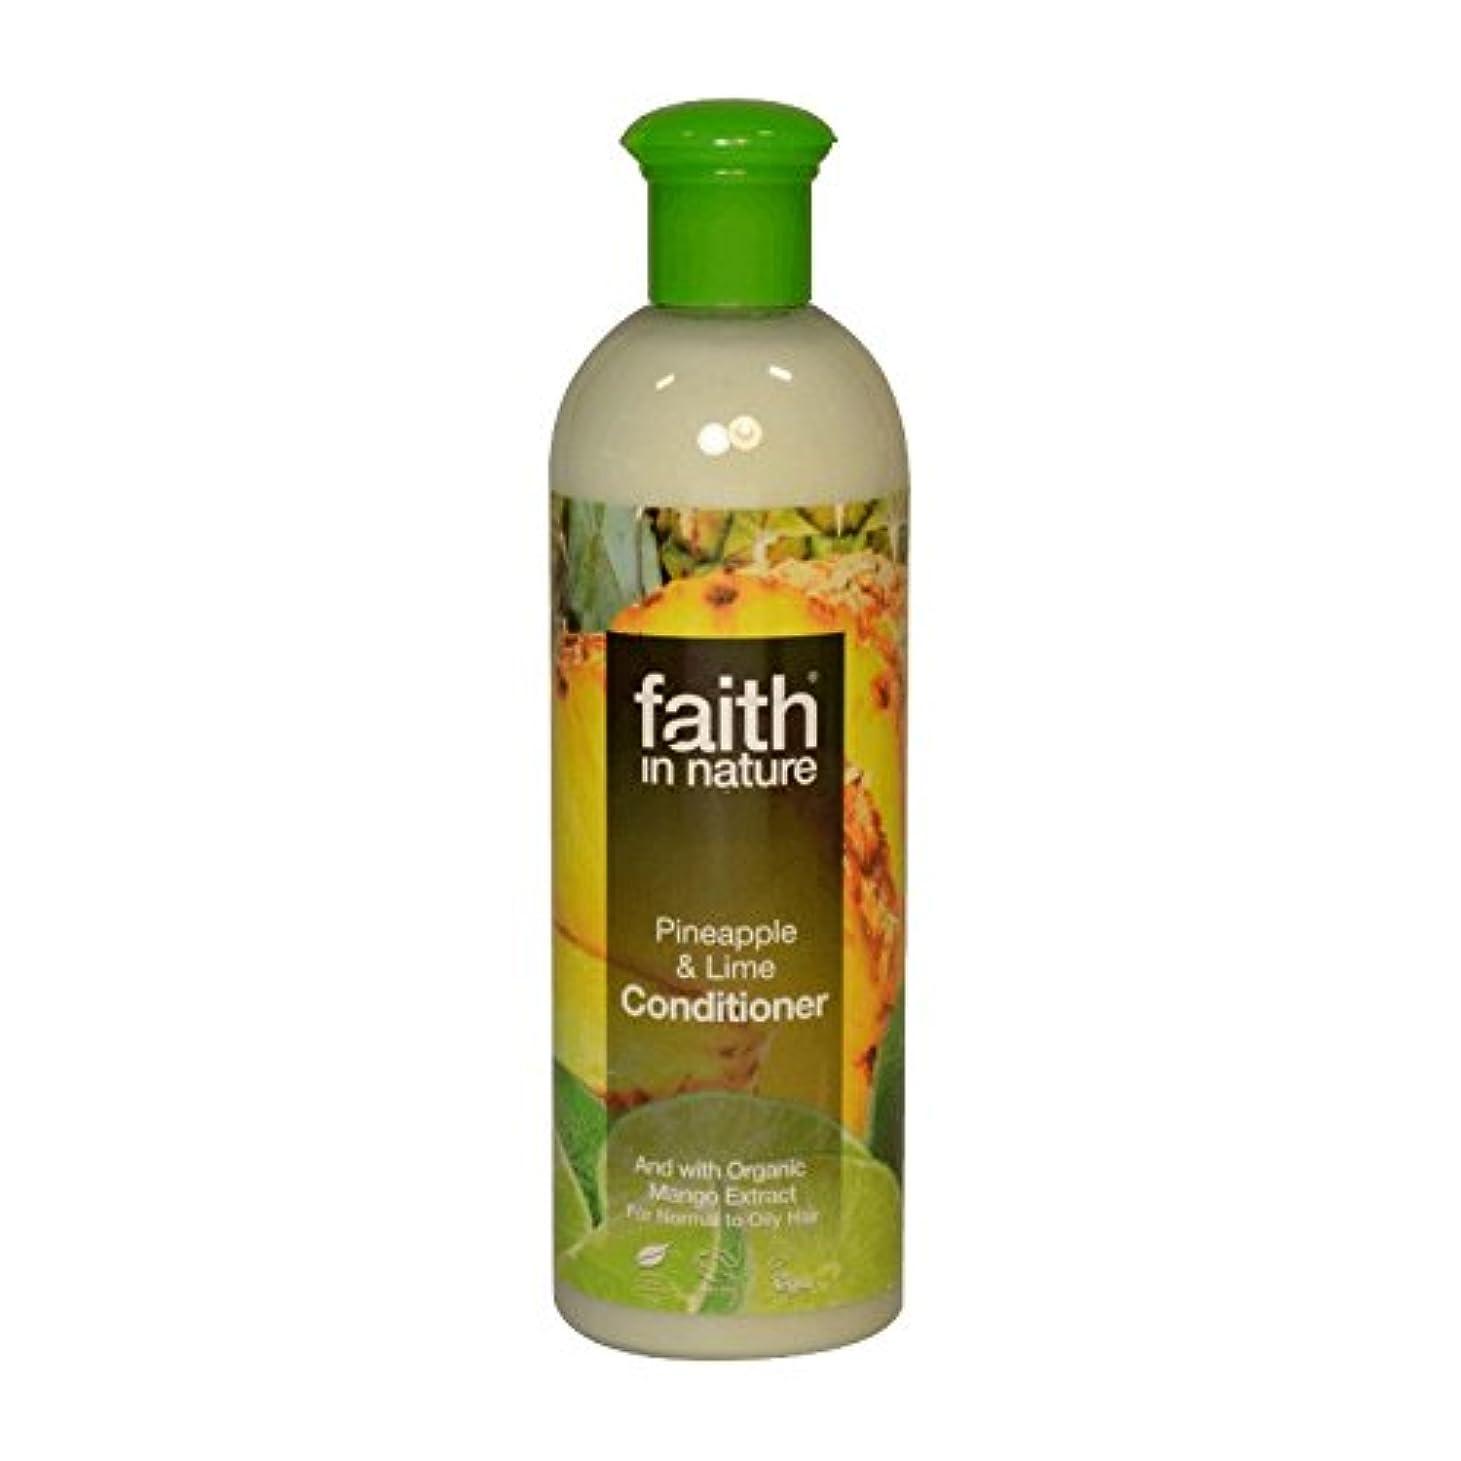 野生確認してください減らすFaith in Nature Pineapple & Lime Conditioner 400ml (Pack of 6) - 自然パイナップル&ライムコンディショナー400ミリリットルの信仰 (x6) [並行輸入品]